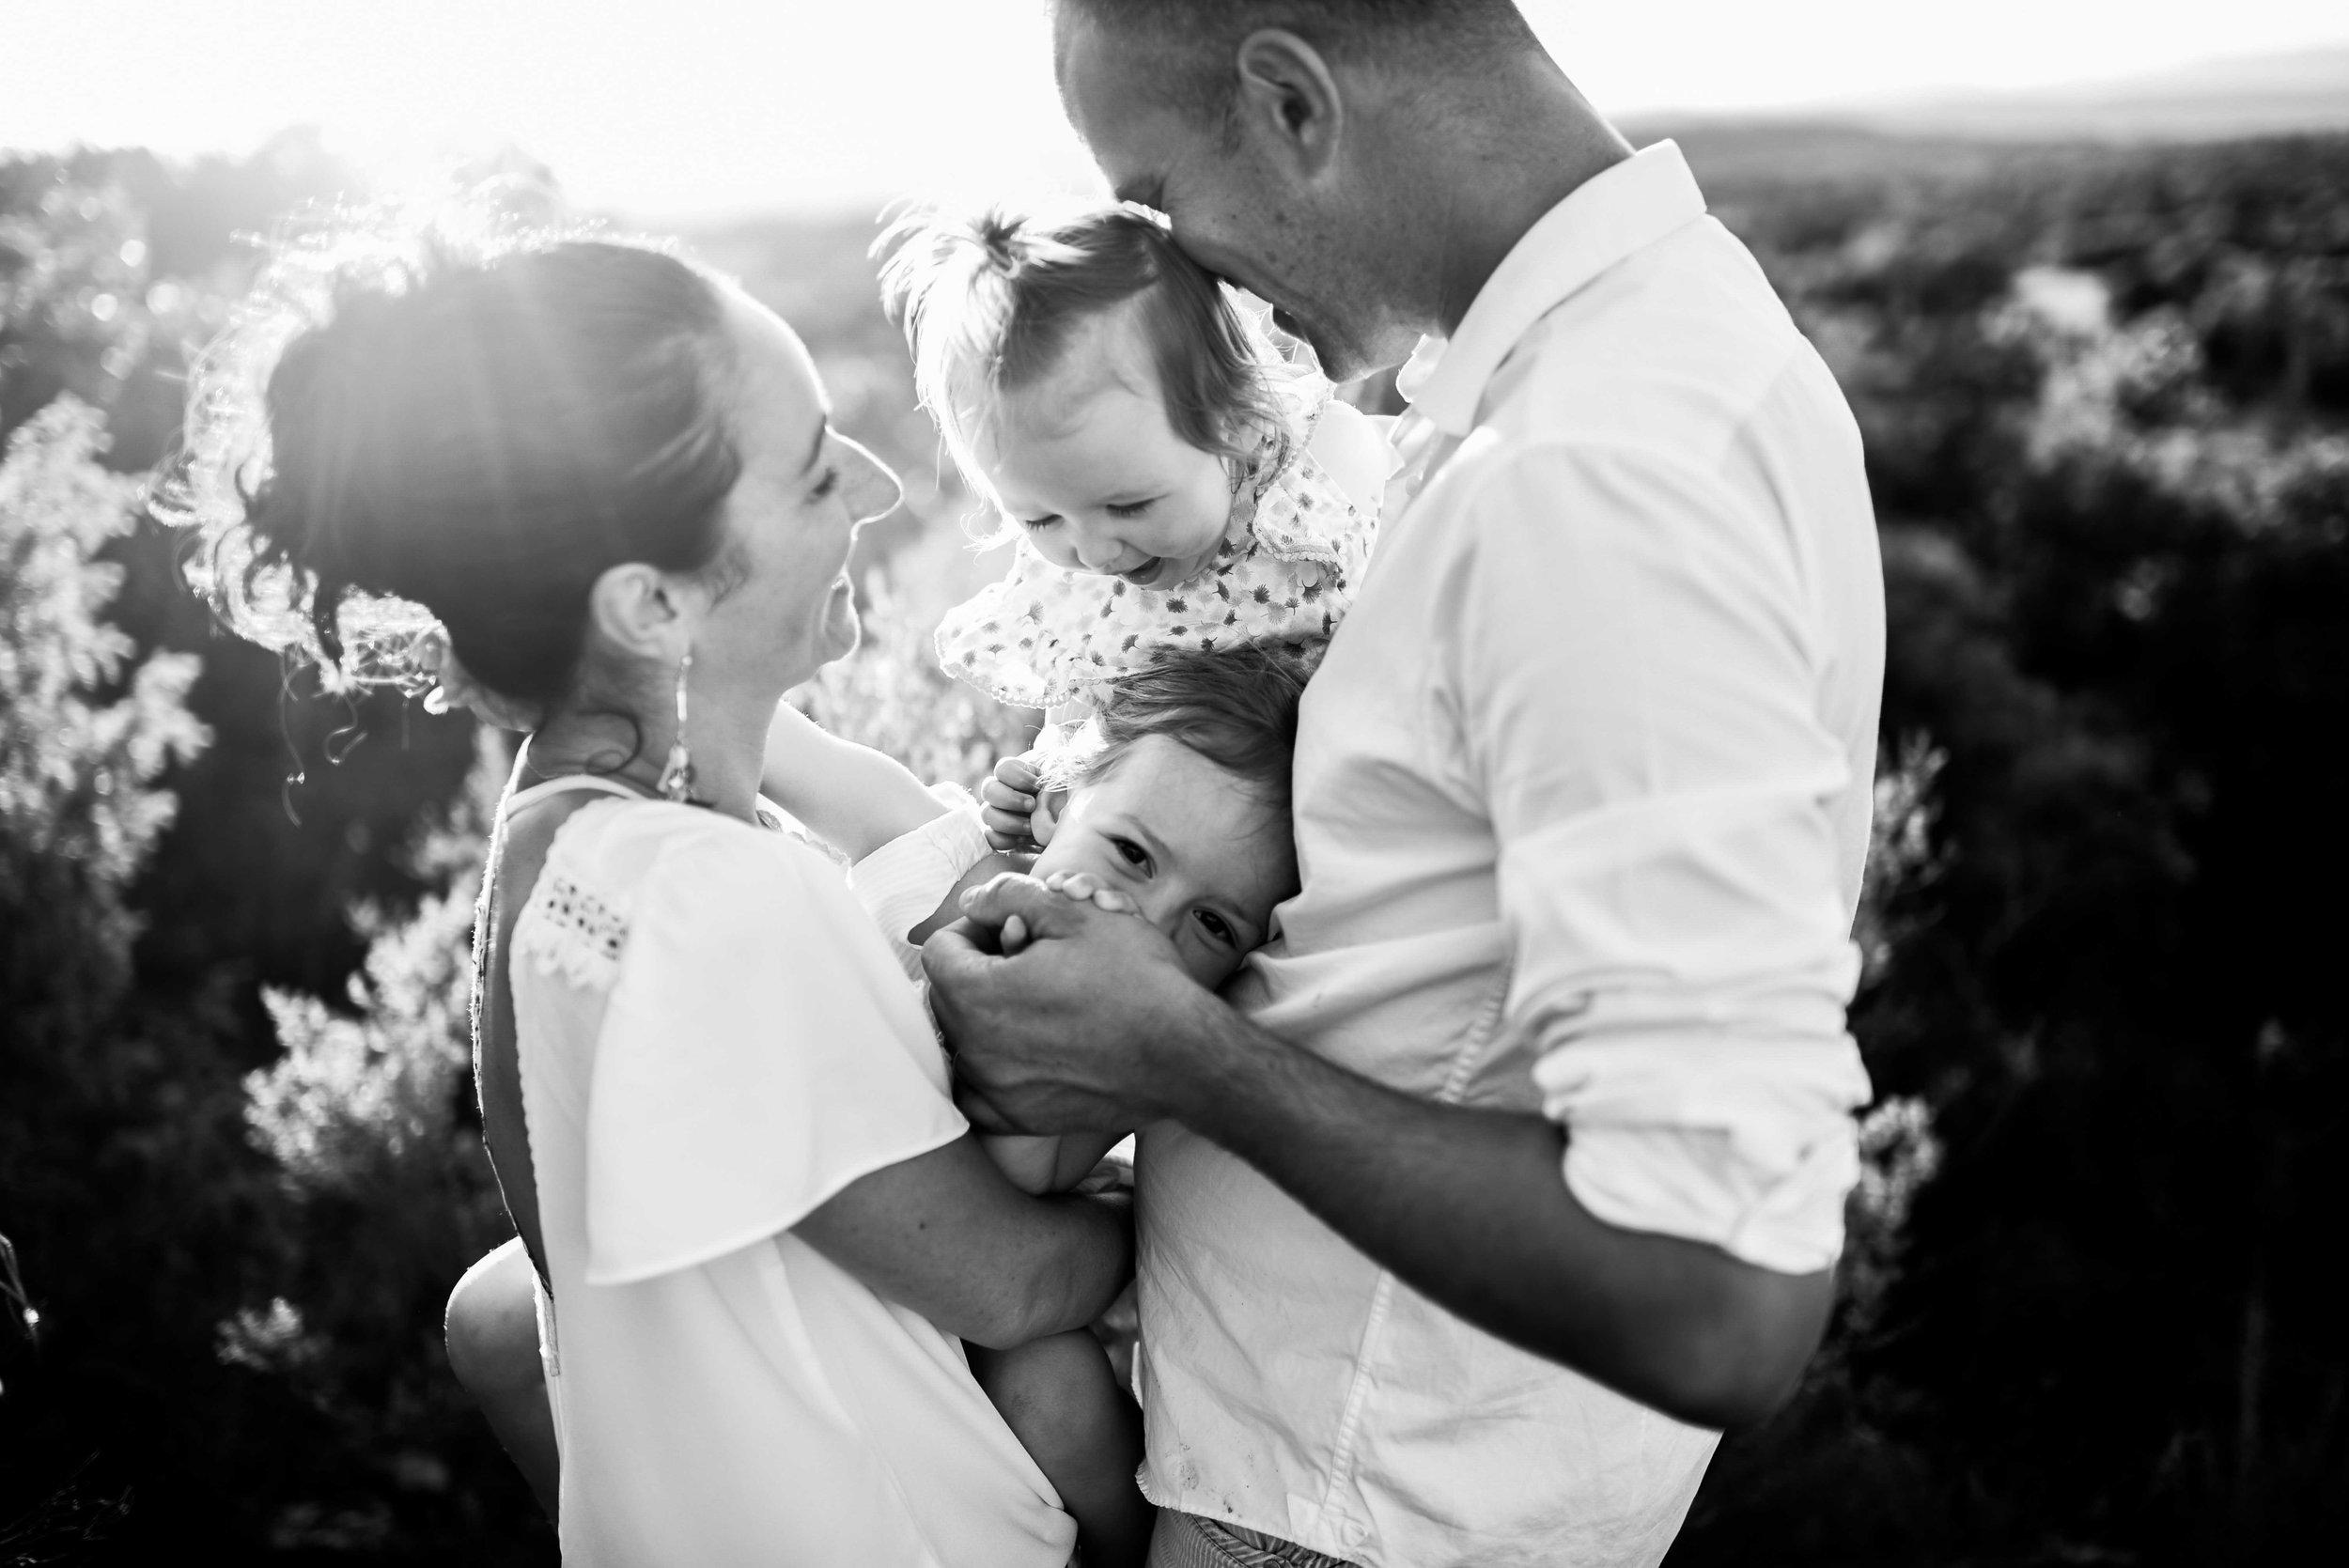 seance-photo-famille-naturelle-et-spontanee.jpg